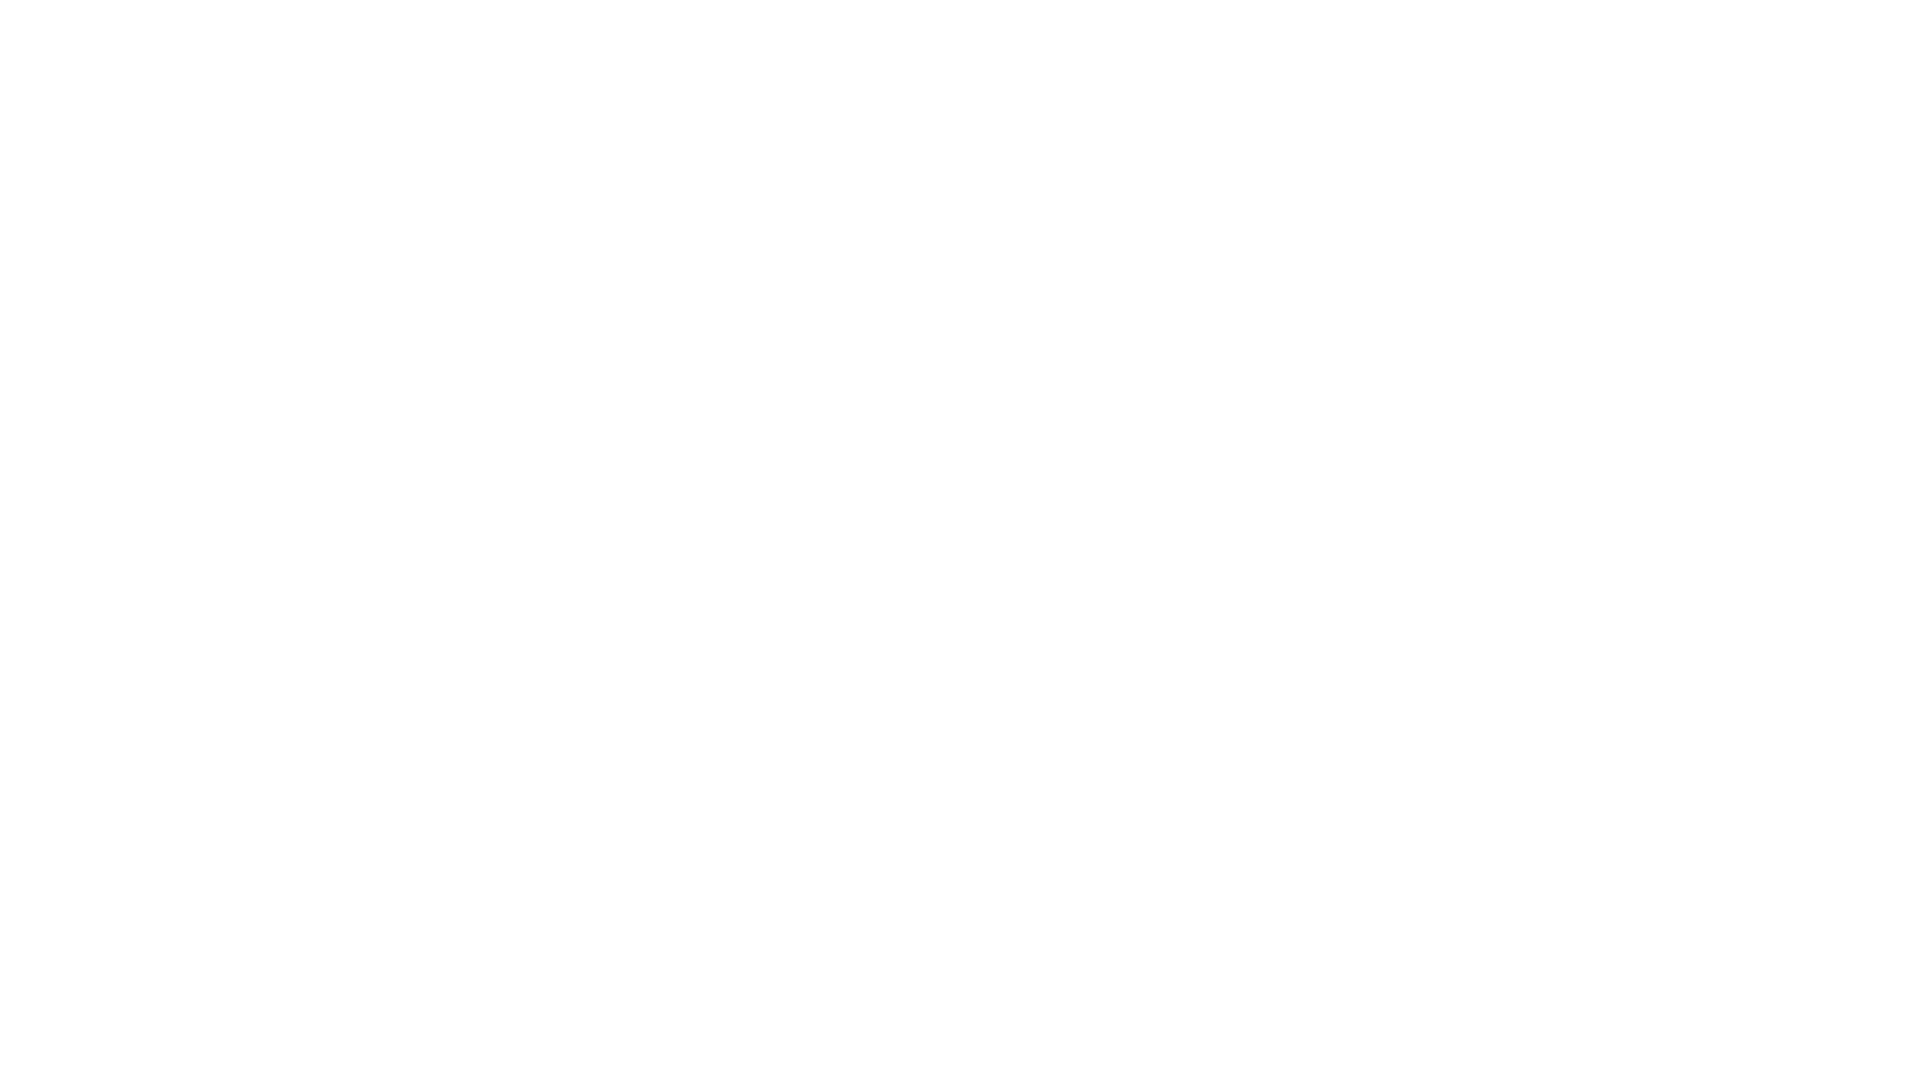 魔術師の お・も・て・な・し vol.11 19歳女子大生にホテルでイタズラ 前編 ホテル   OLヌード天国  66PIX 40